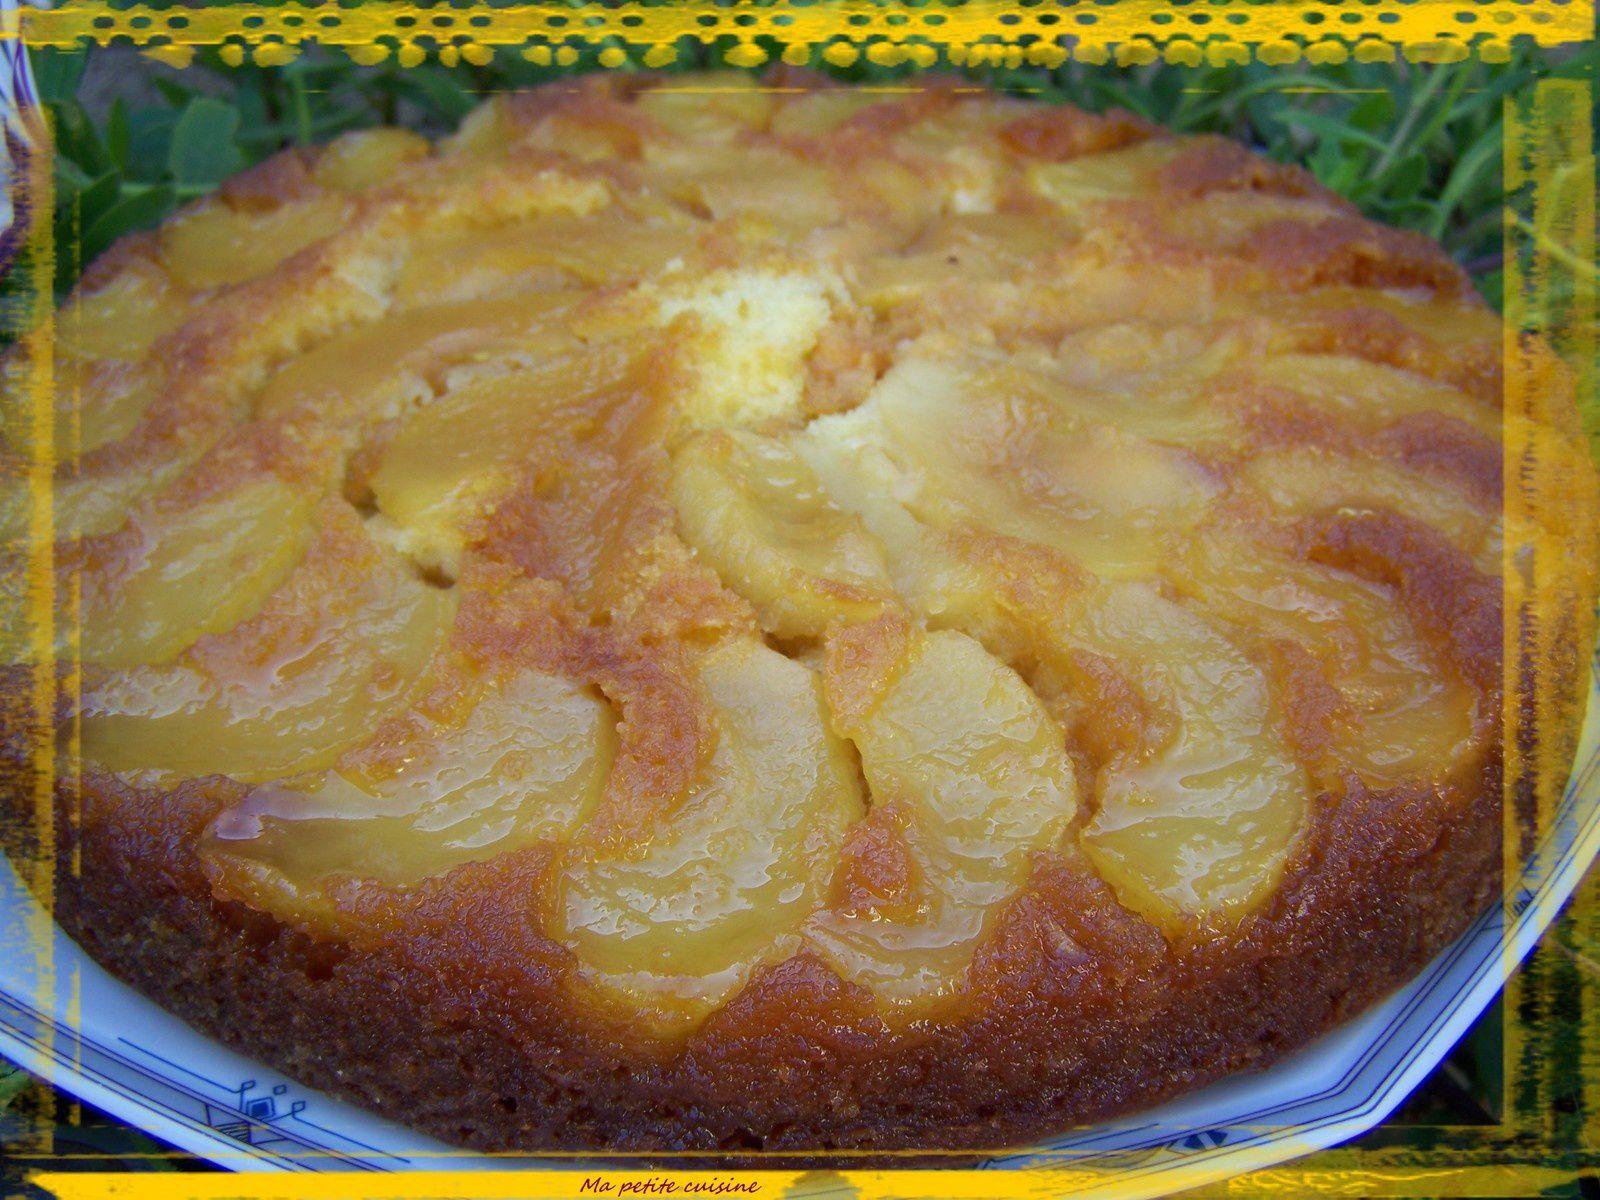 Gateau renversé aux pommes caramelisées au jus d'orange